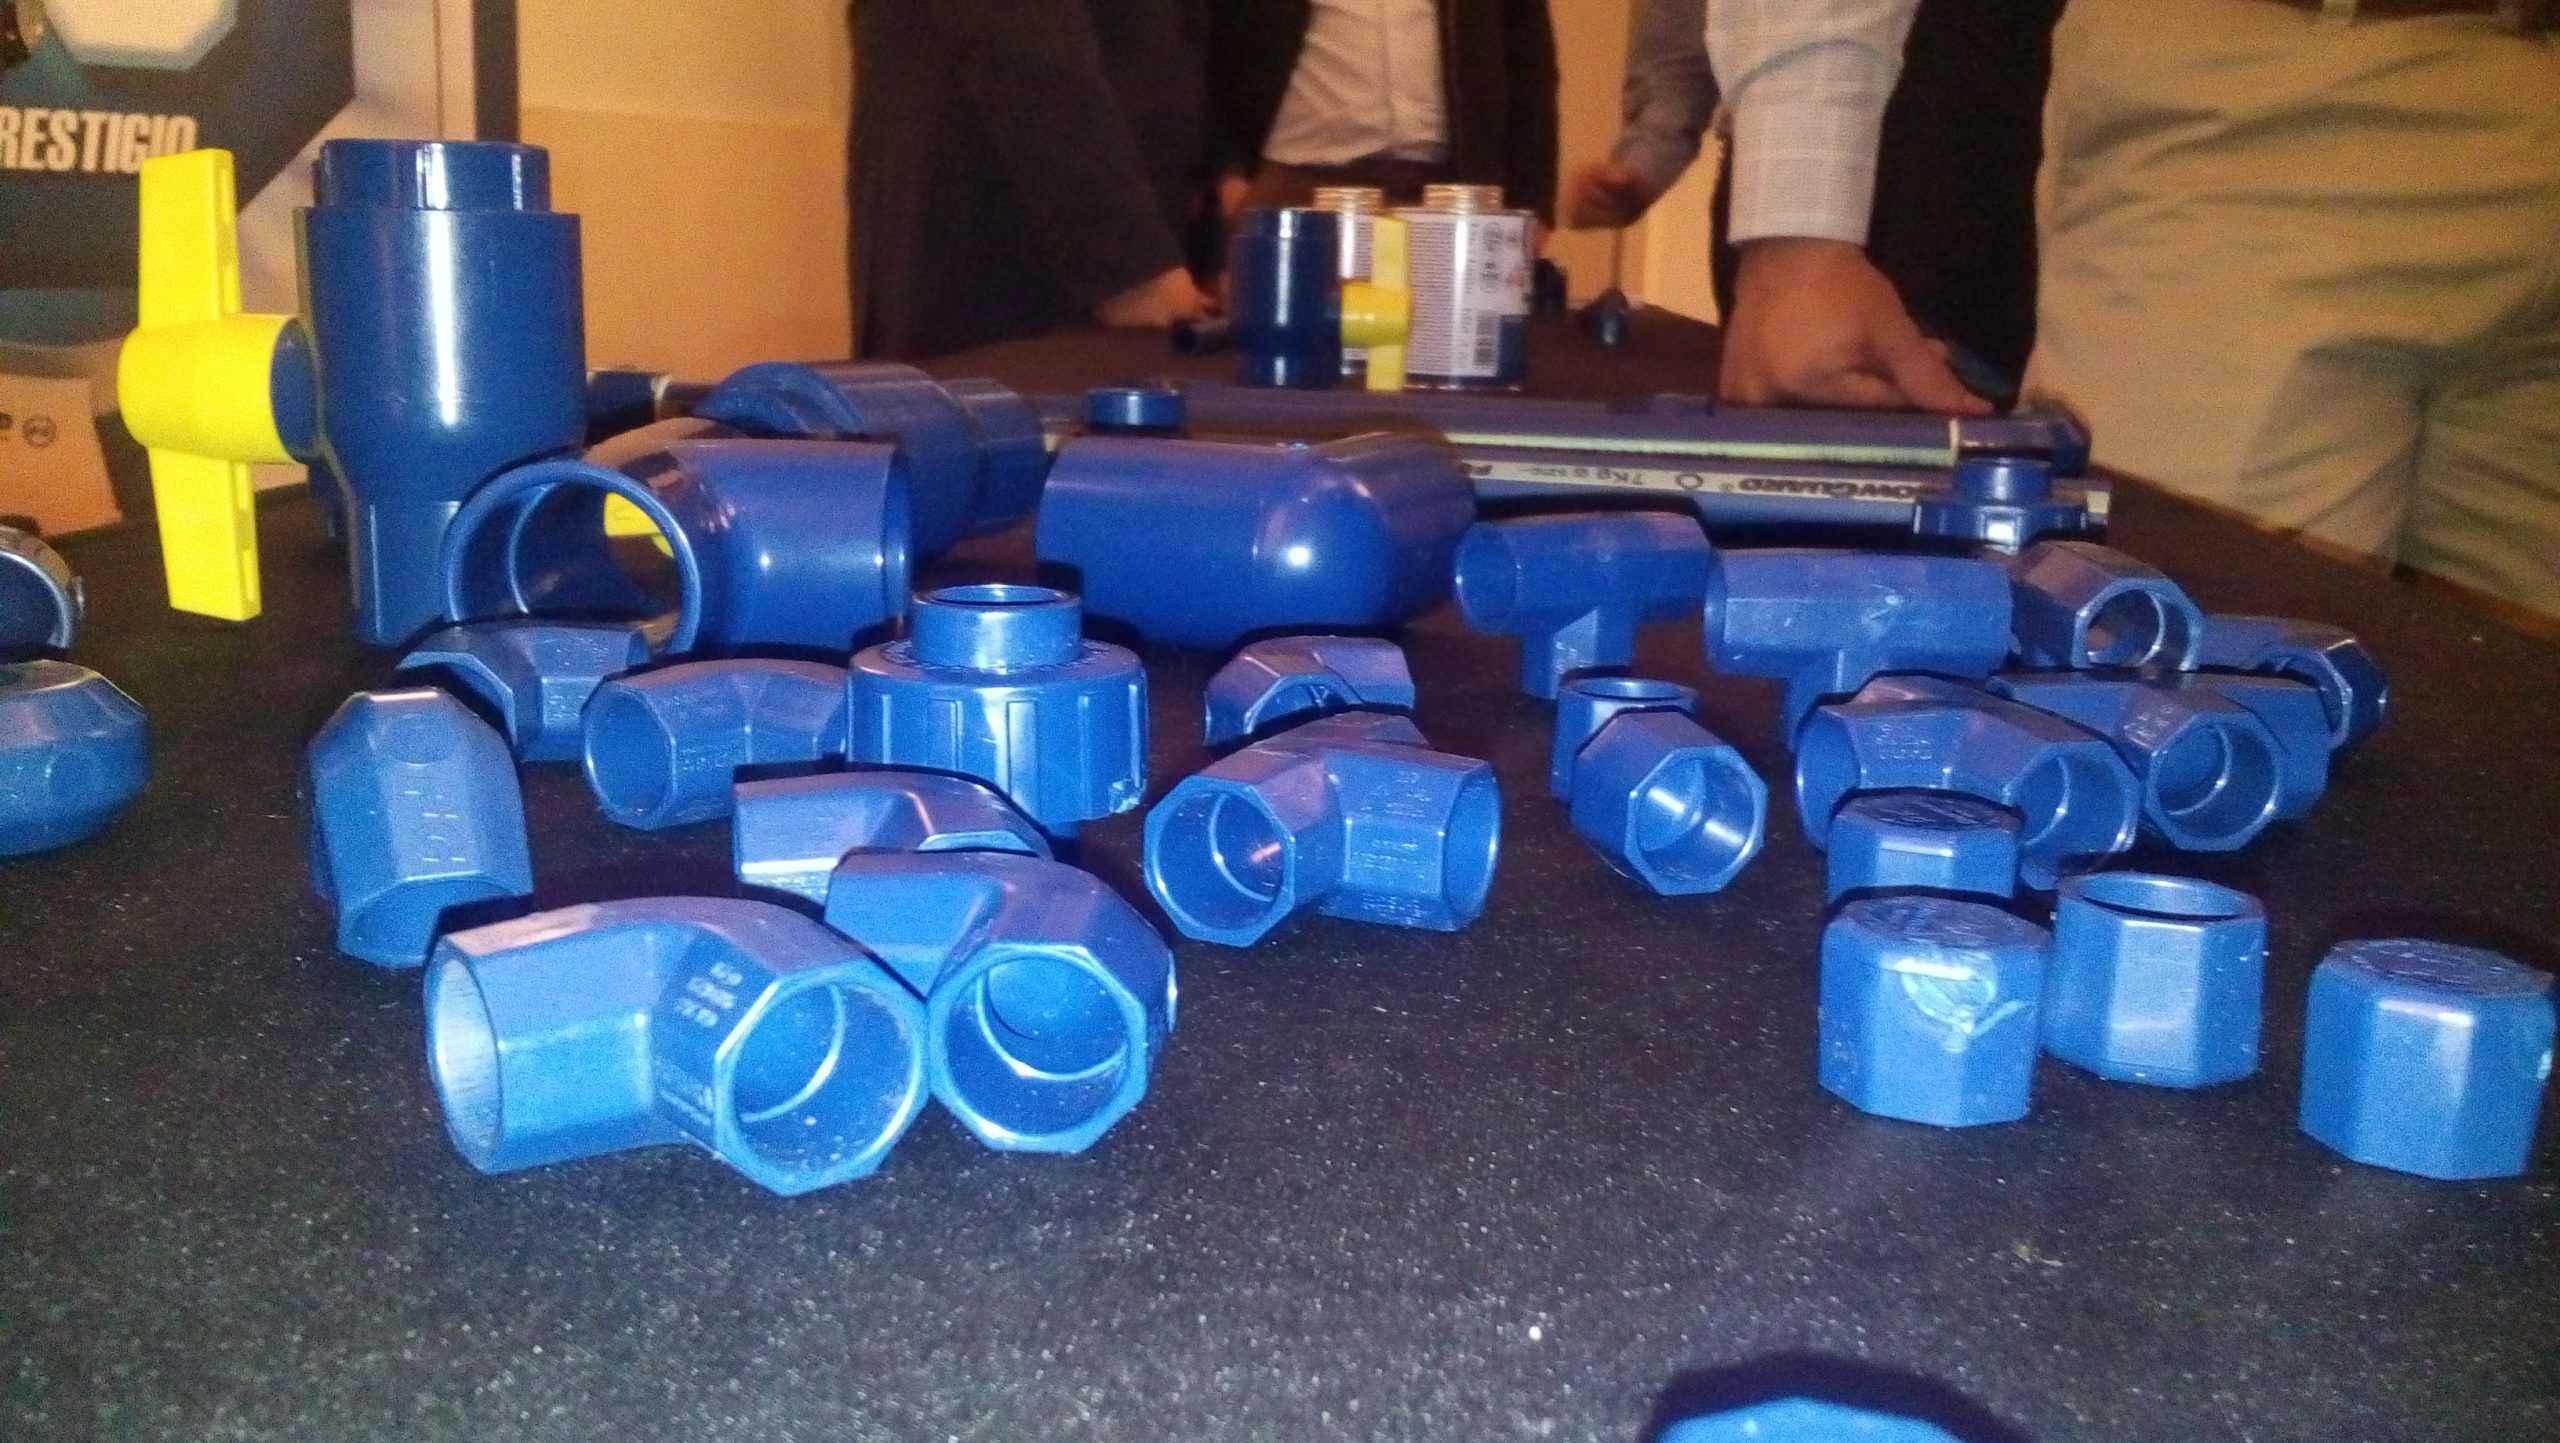 Innovan con tubería de CPVC para mejorar flujo de agua caliente